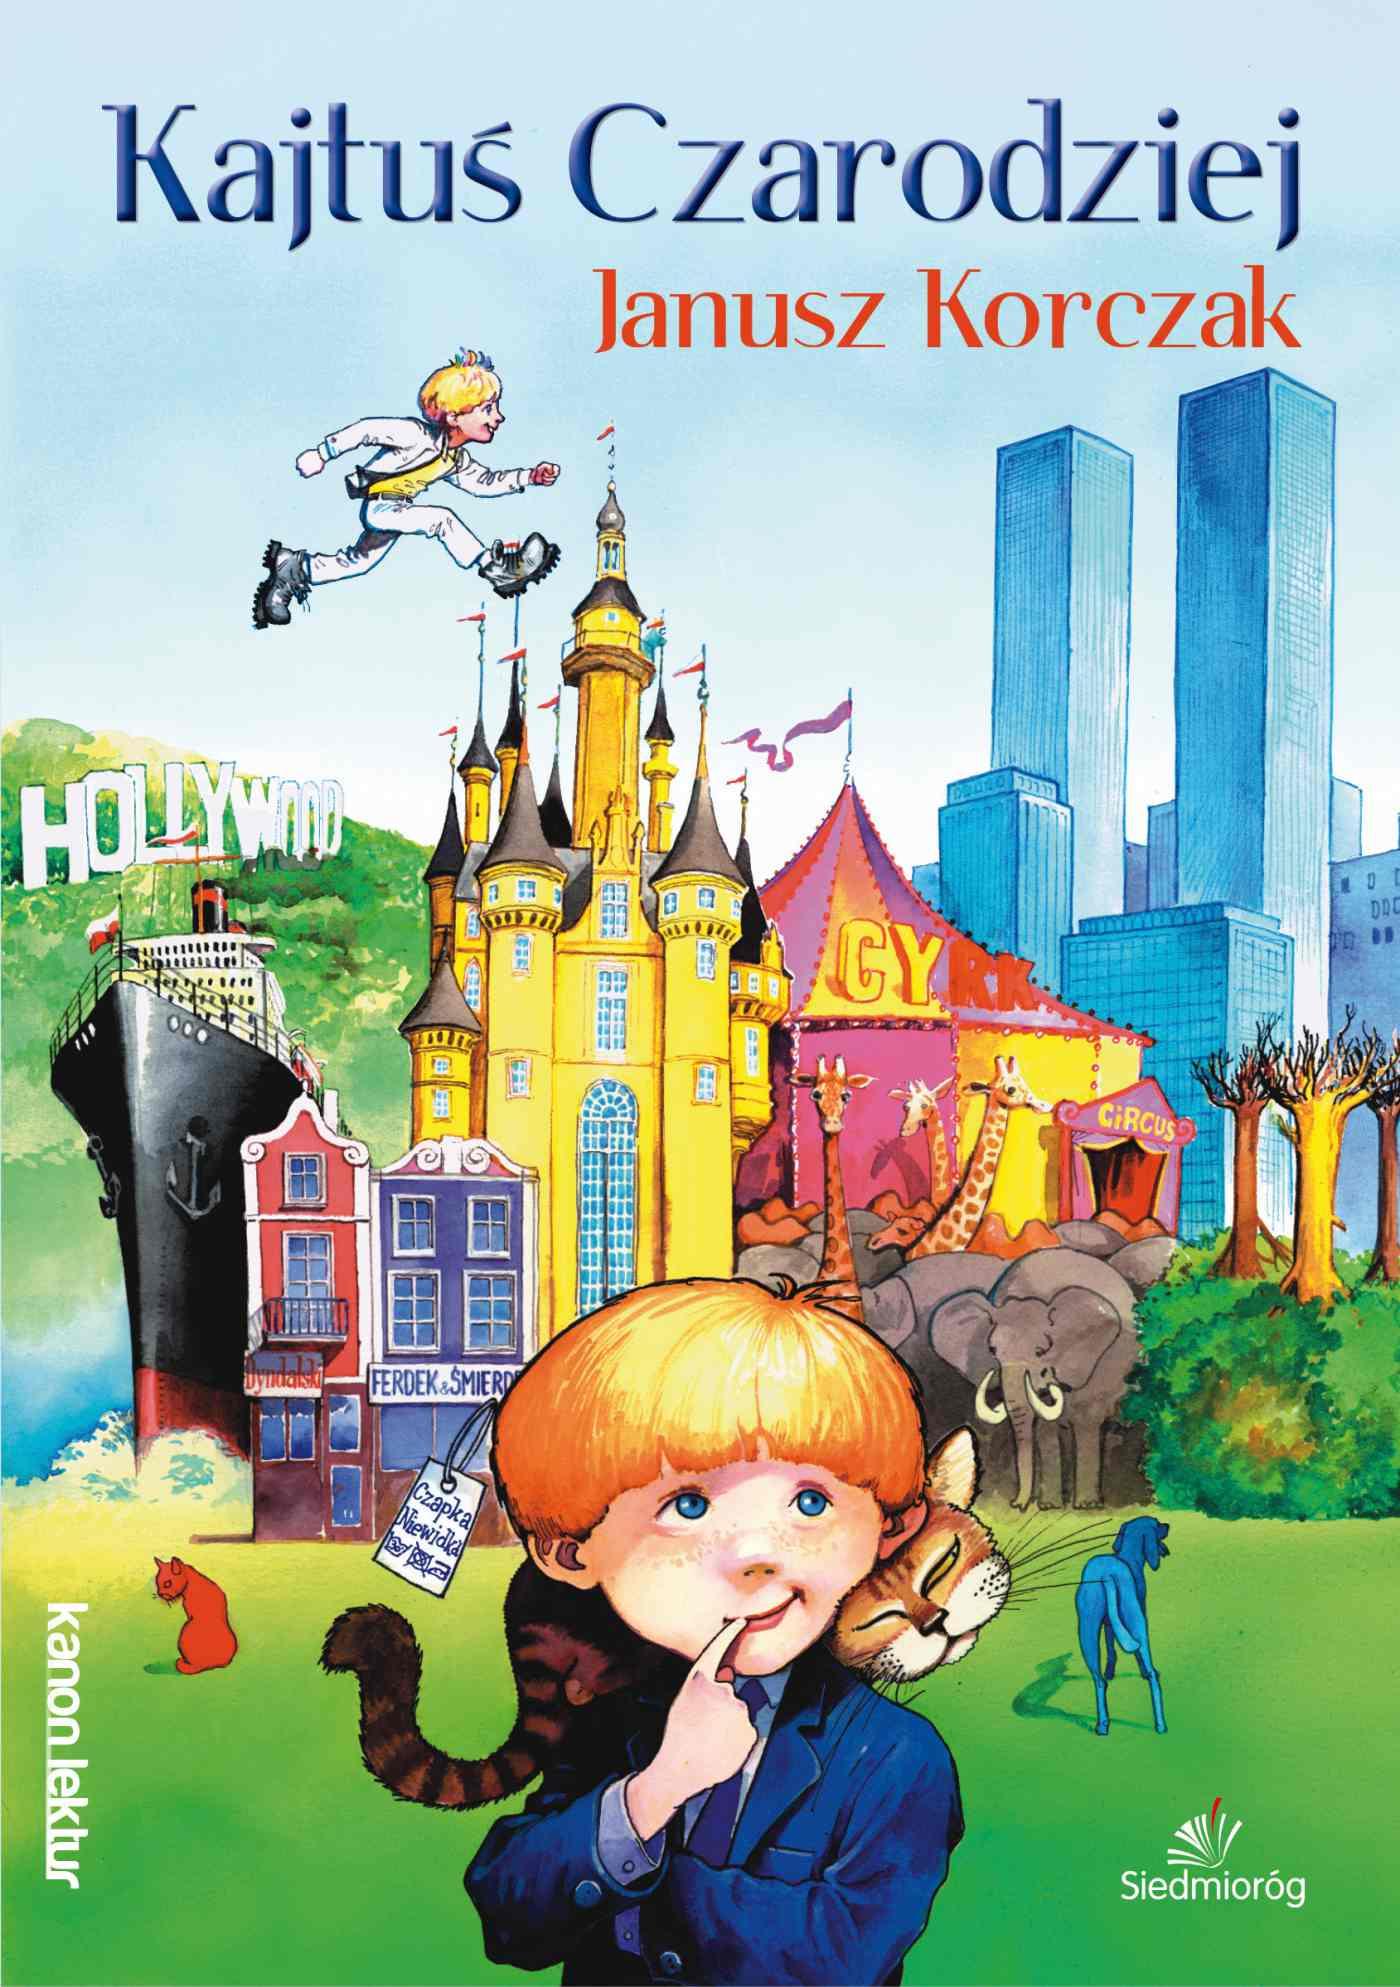 Kajtuś Czarodziej - Ebook (Książka na Kindle) do pobrania w formacie MOBI